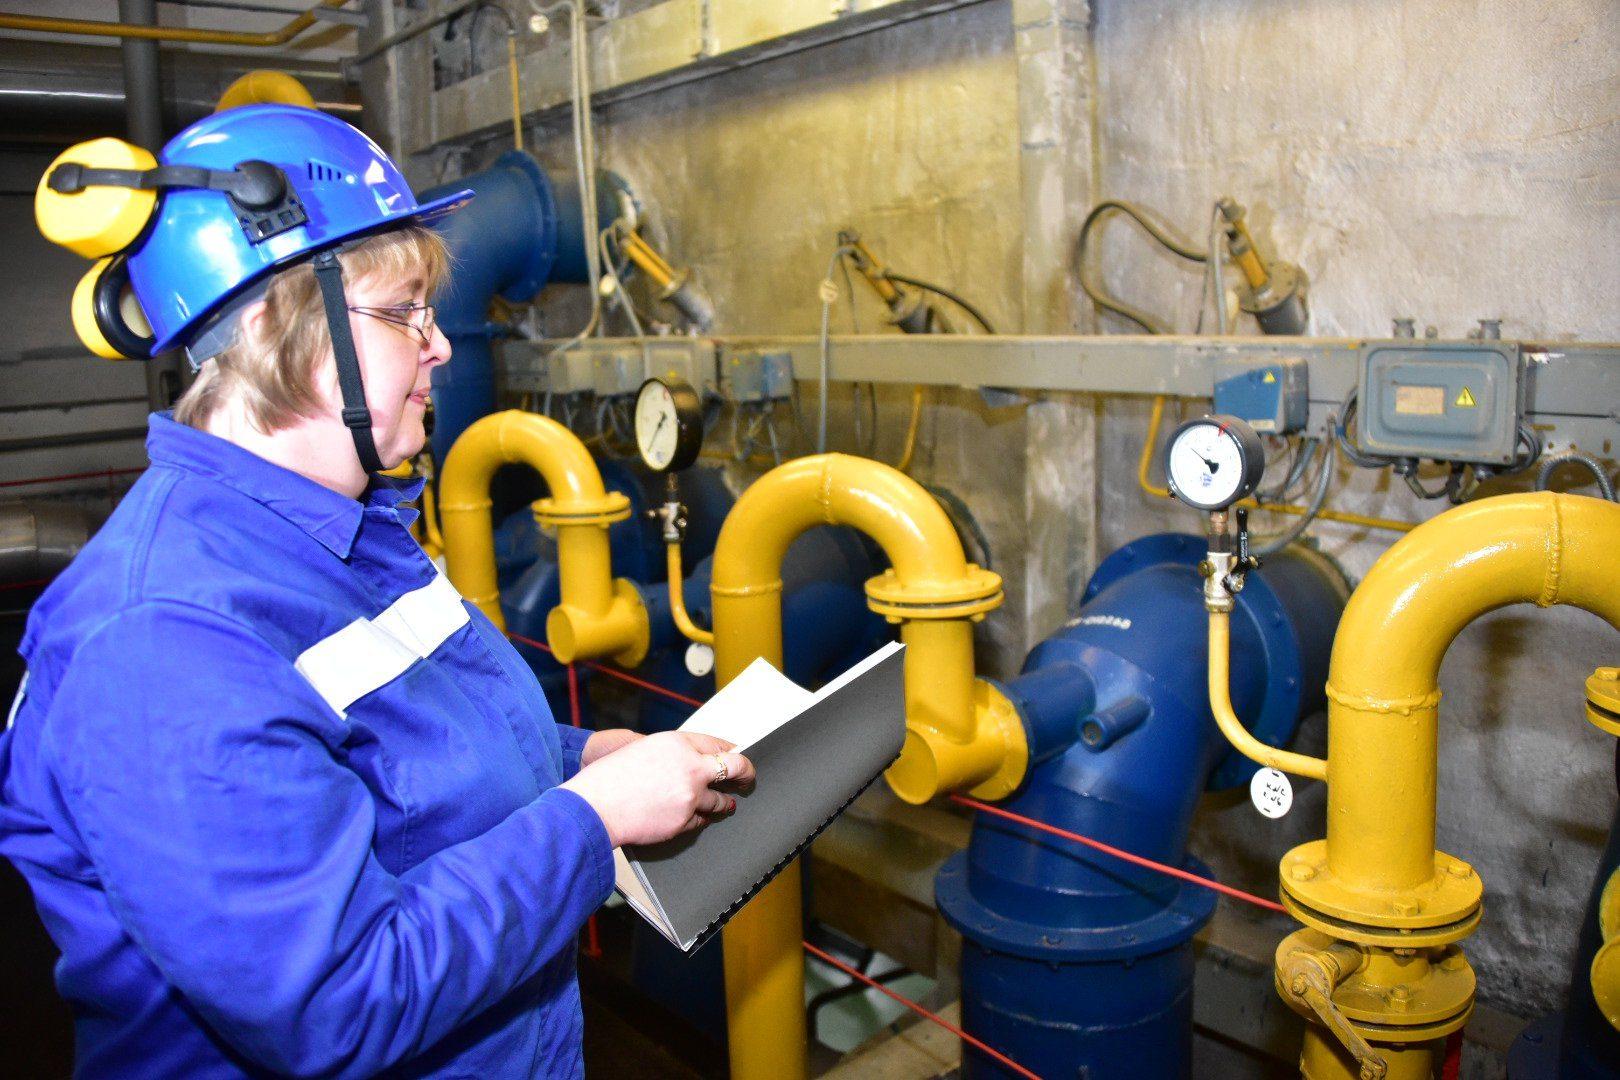 На одном из коммунальных предприятий Херсонщины тарифы на воду установлены с нарушениями